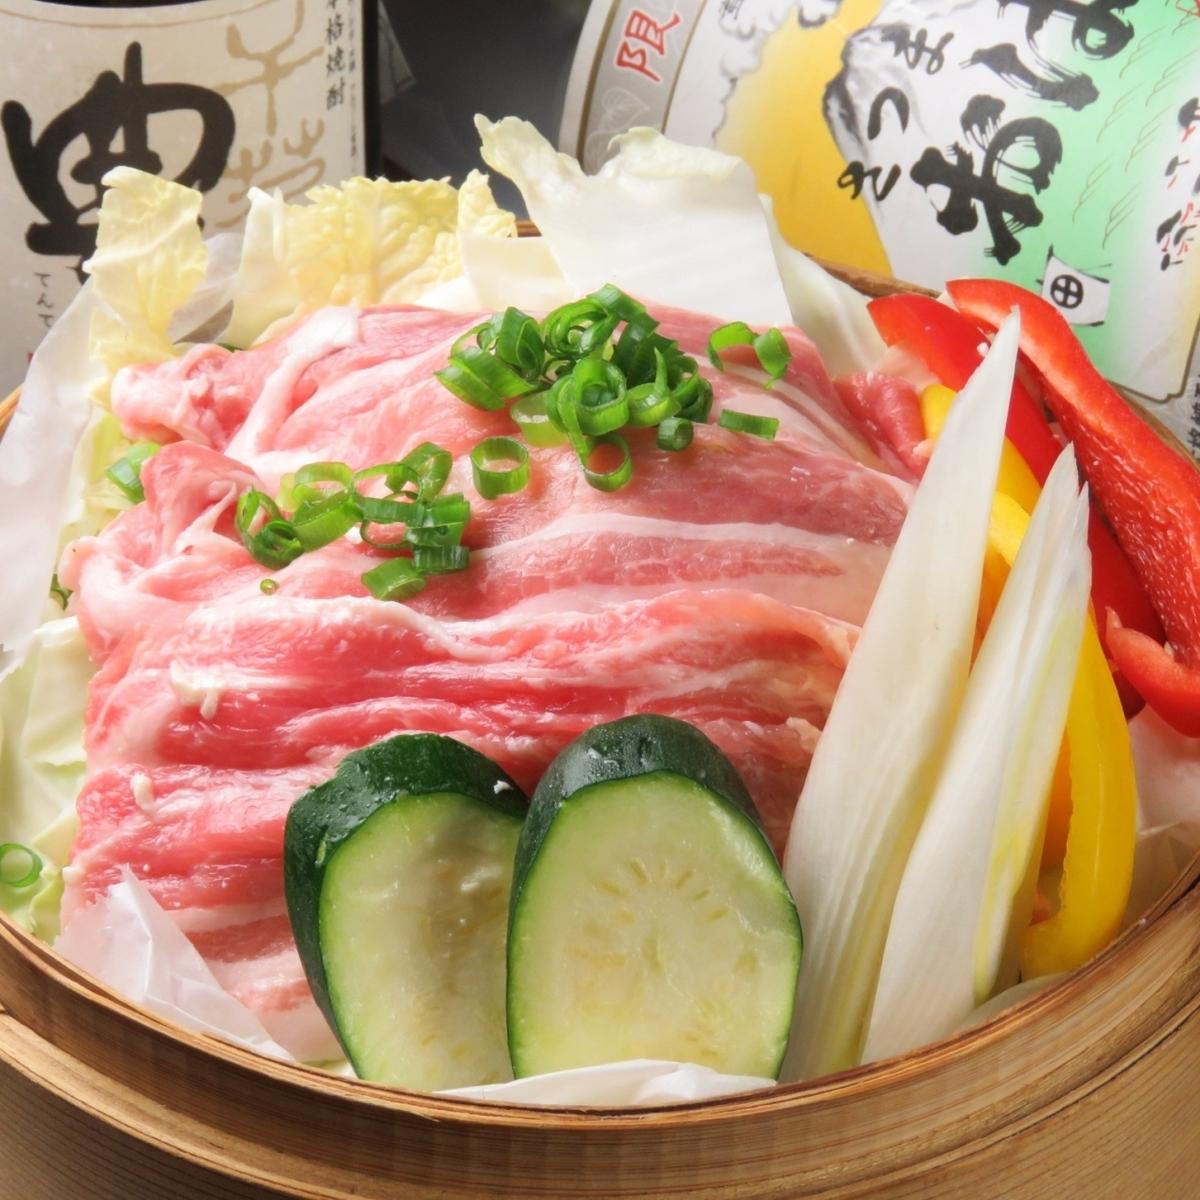 广岛的蒸叶生产叶叶和鲭鱼萝卜